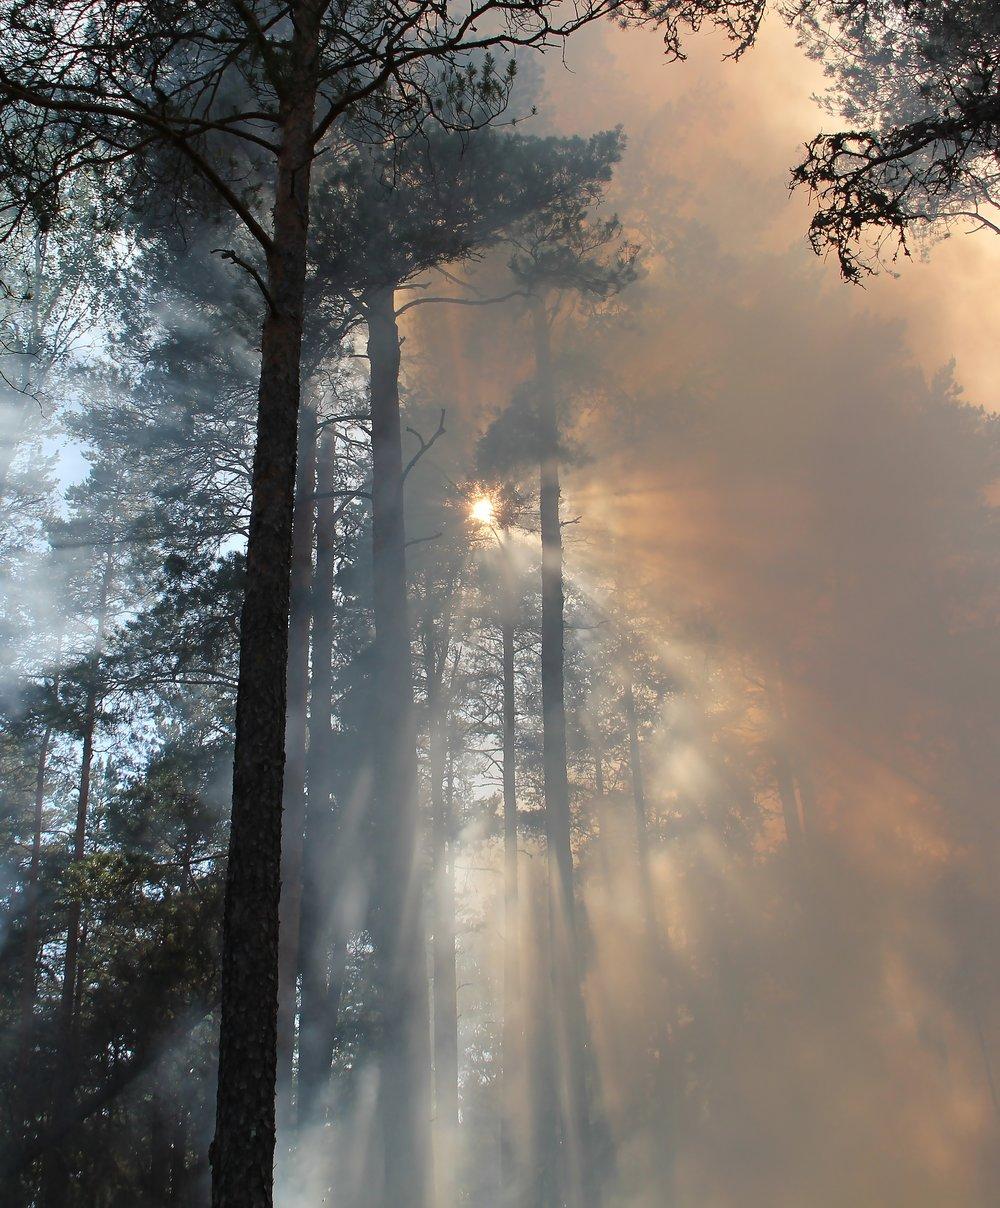 forest-fire-433683.jpg